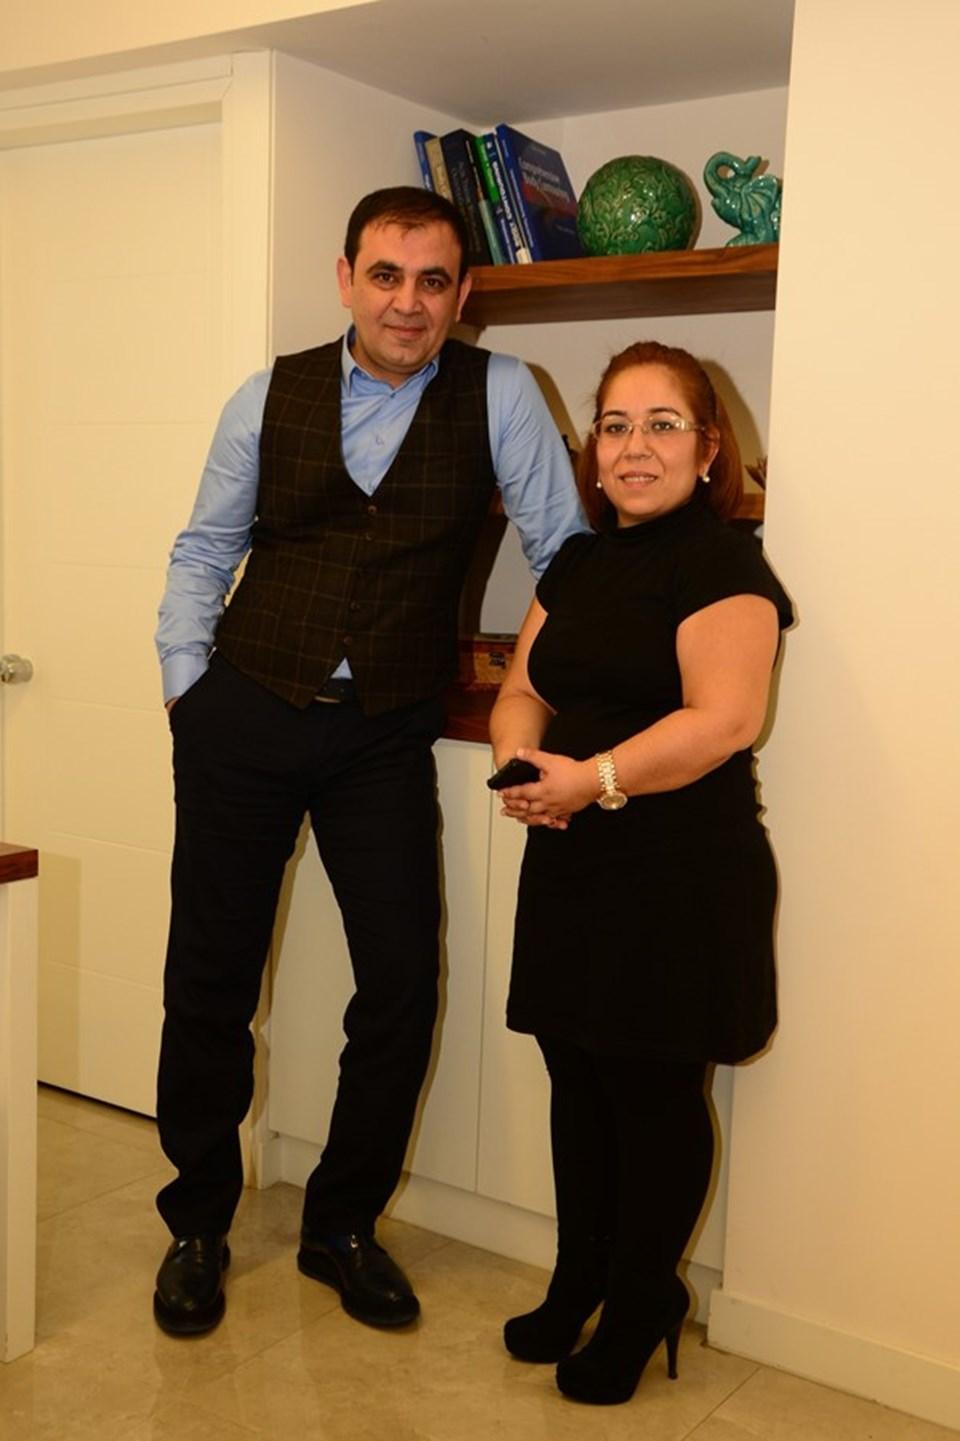 Doç. Dr. Yener Demirtaş ve hastasıZeynep Tanrıverdi